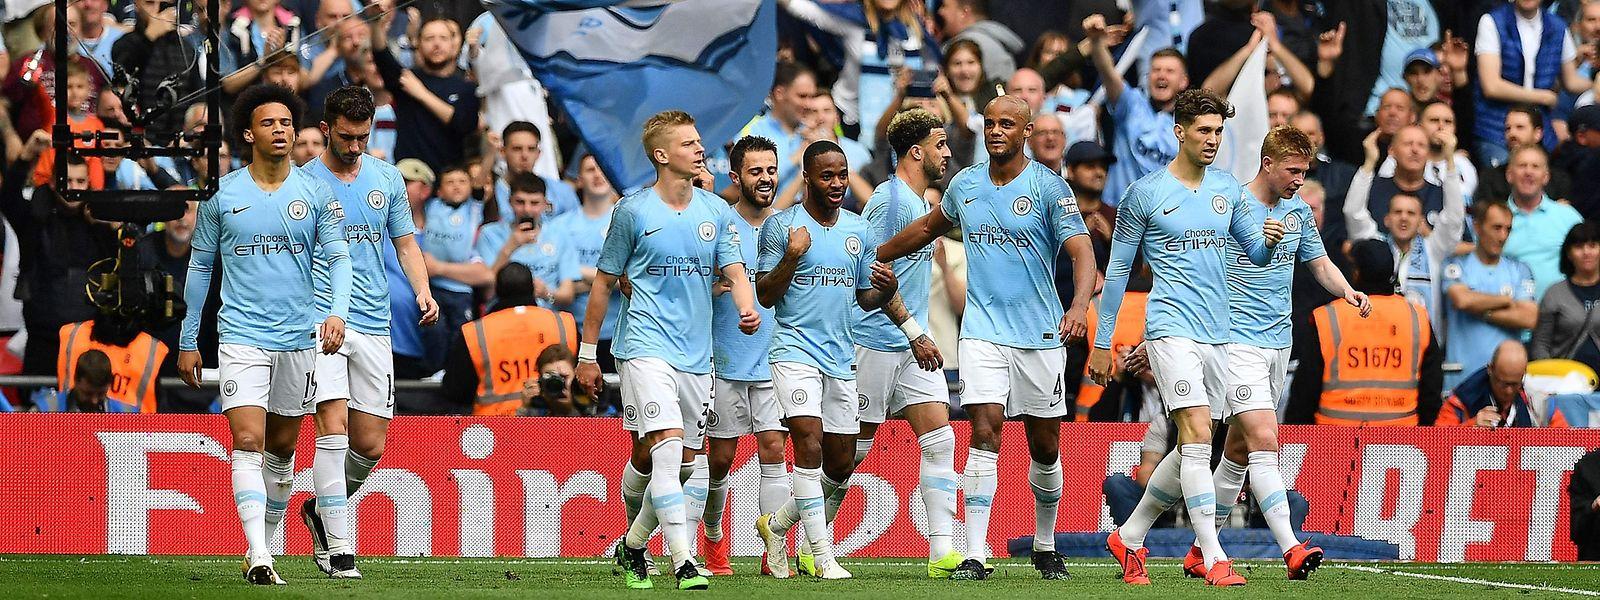 Premier League, FA Cup et Coupe de la Ligue, les joueurs de Manchester City ont tout gagné en Angleterre cette saison.